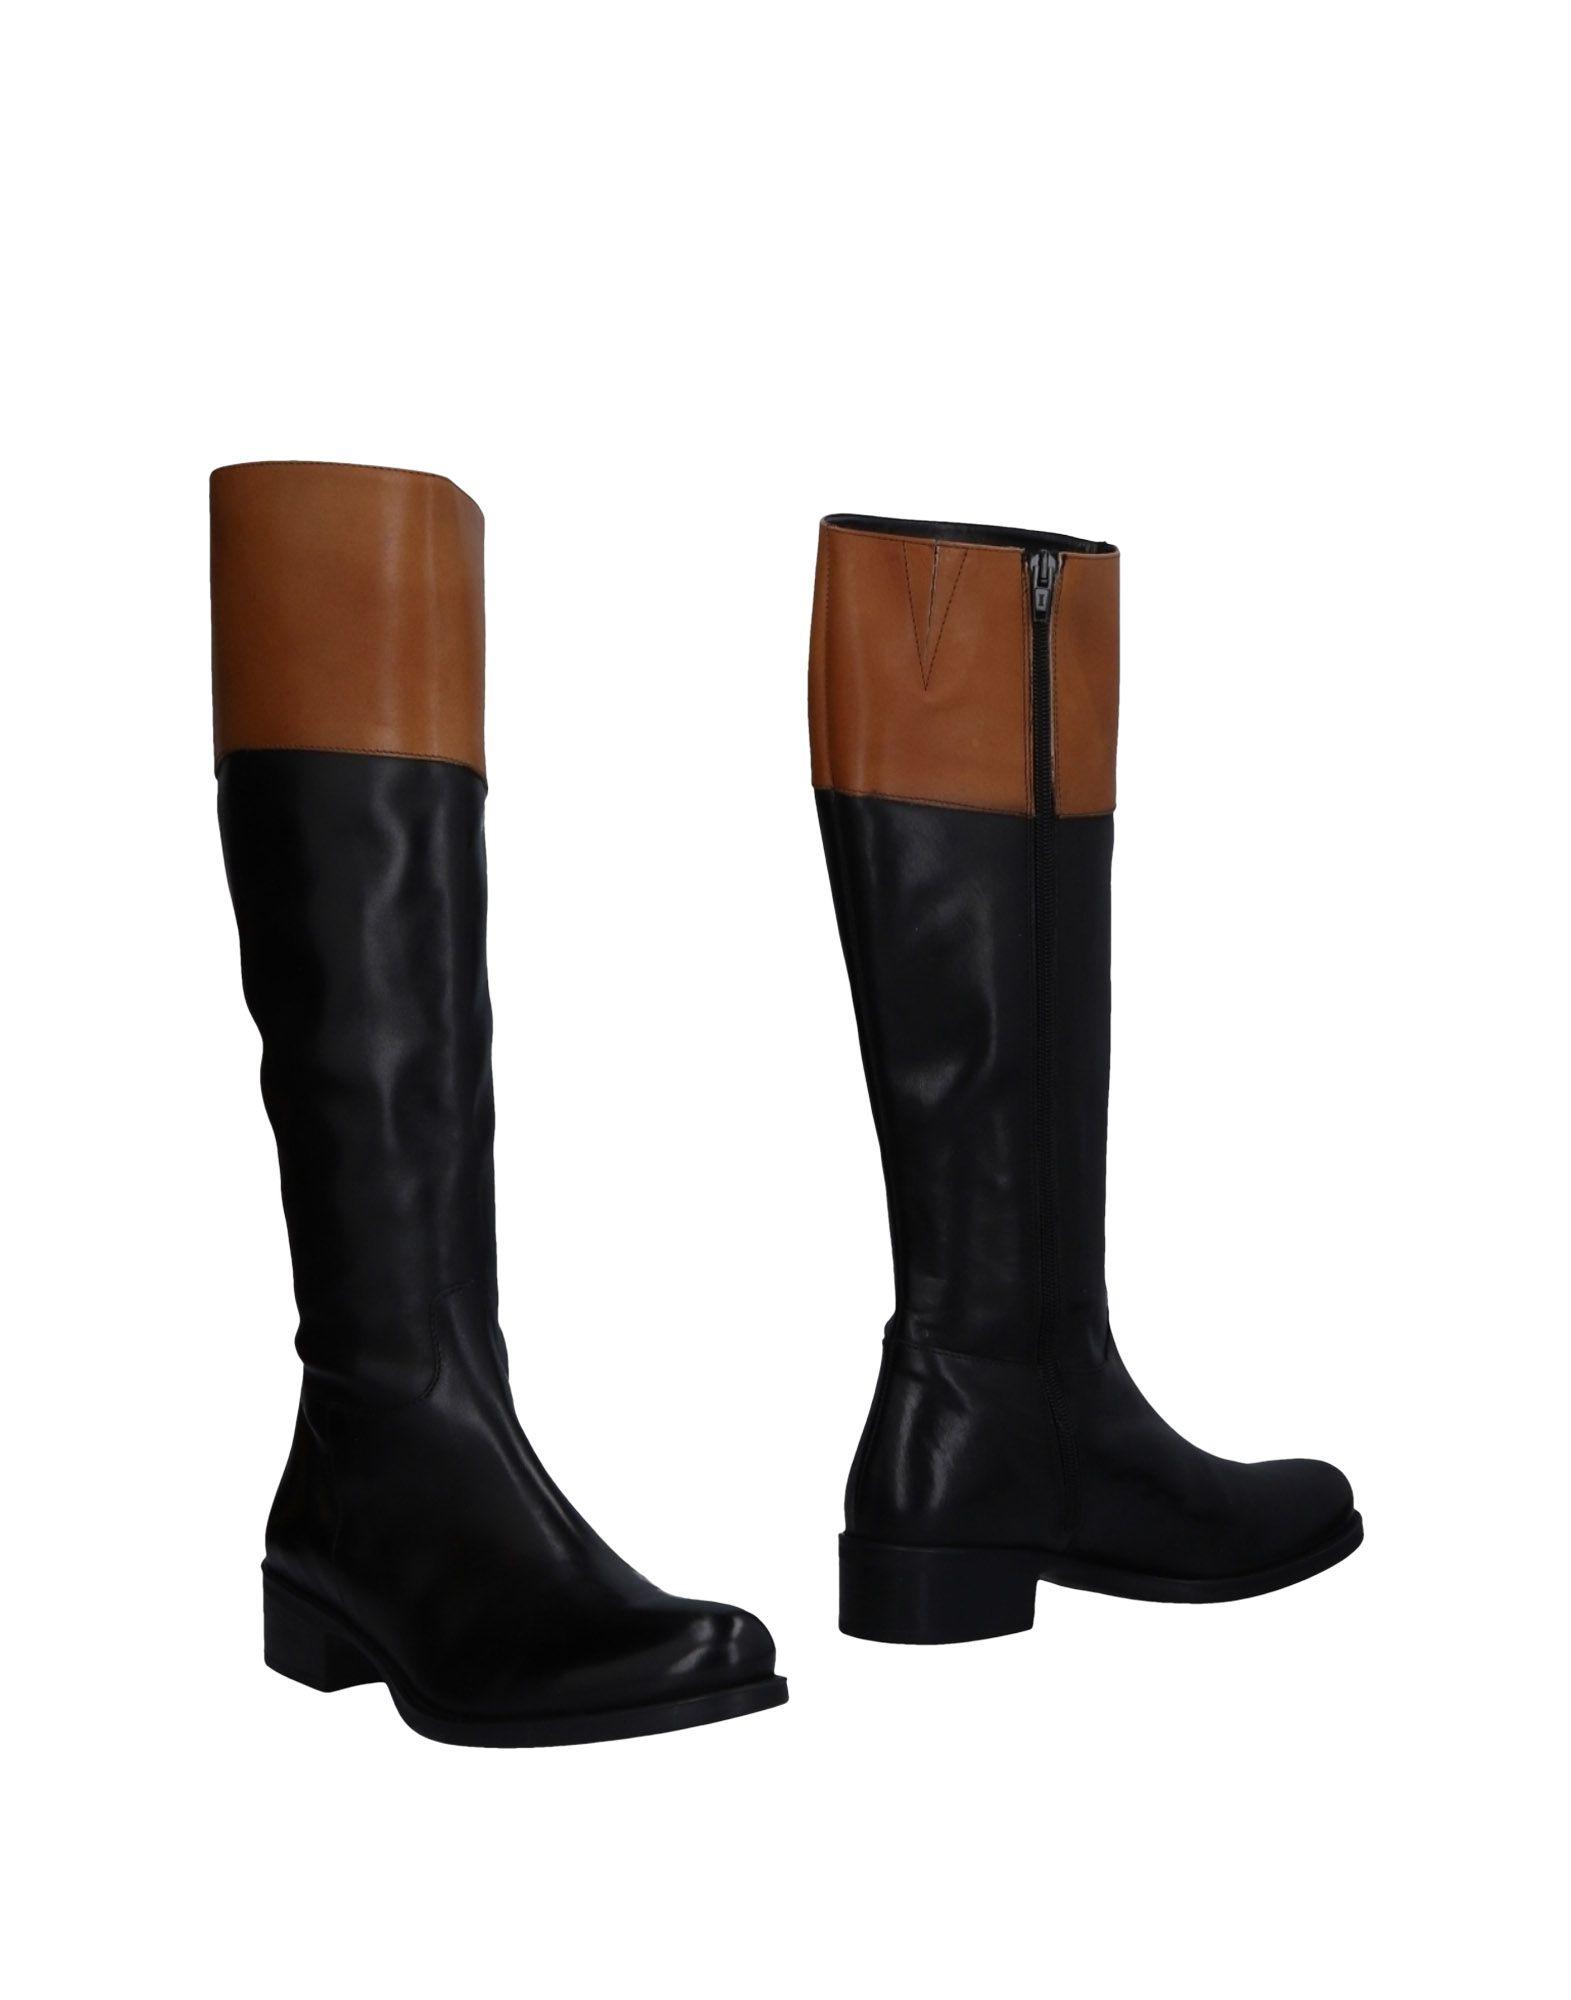 Paola Ferri Stiefel Damen  11475790DGGut aussehende strapazierfähige Schuhe